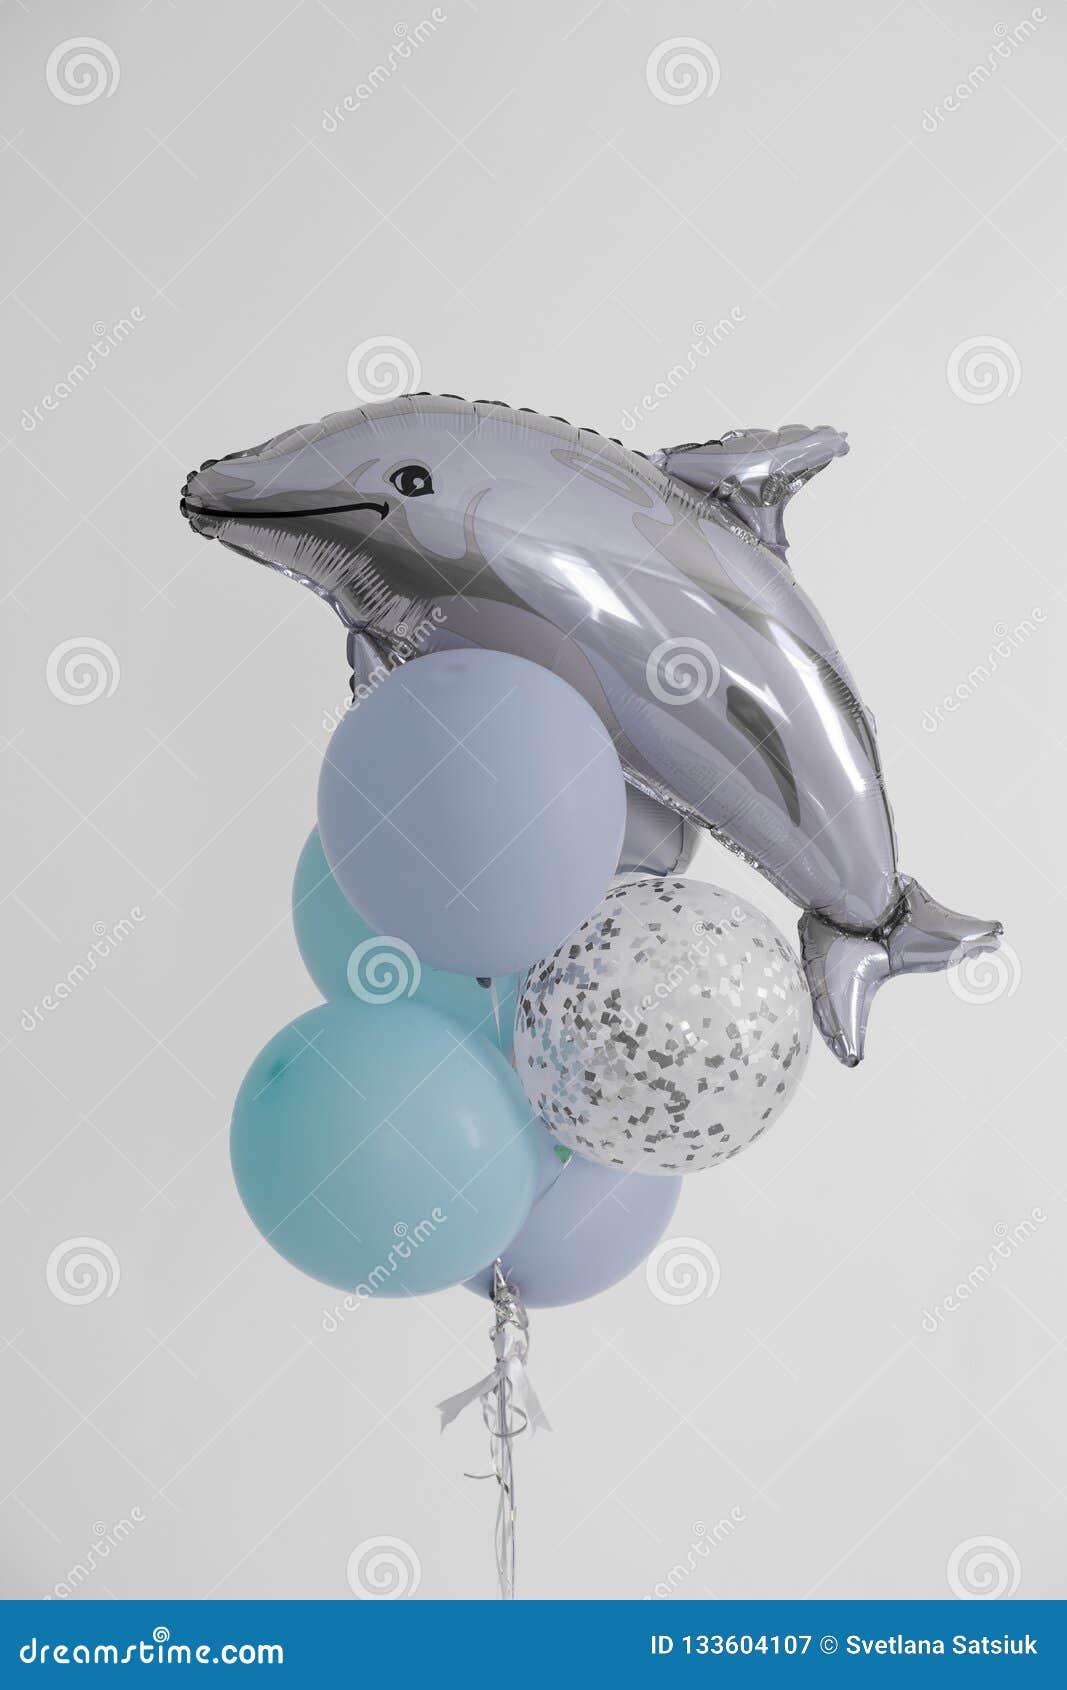 Balon nadmuchiwane piłki biel i szarość, błękitne nadmuchiwana delfin piłka